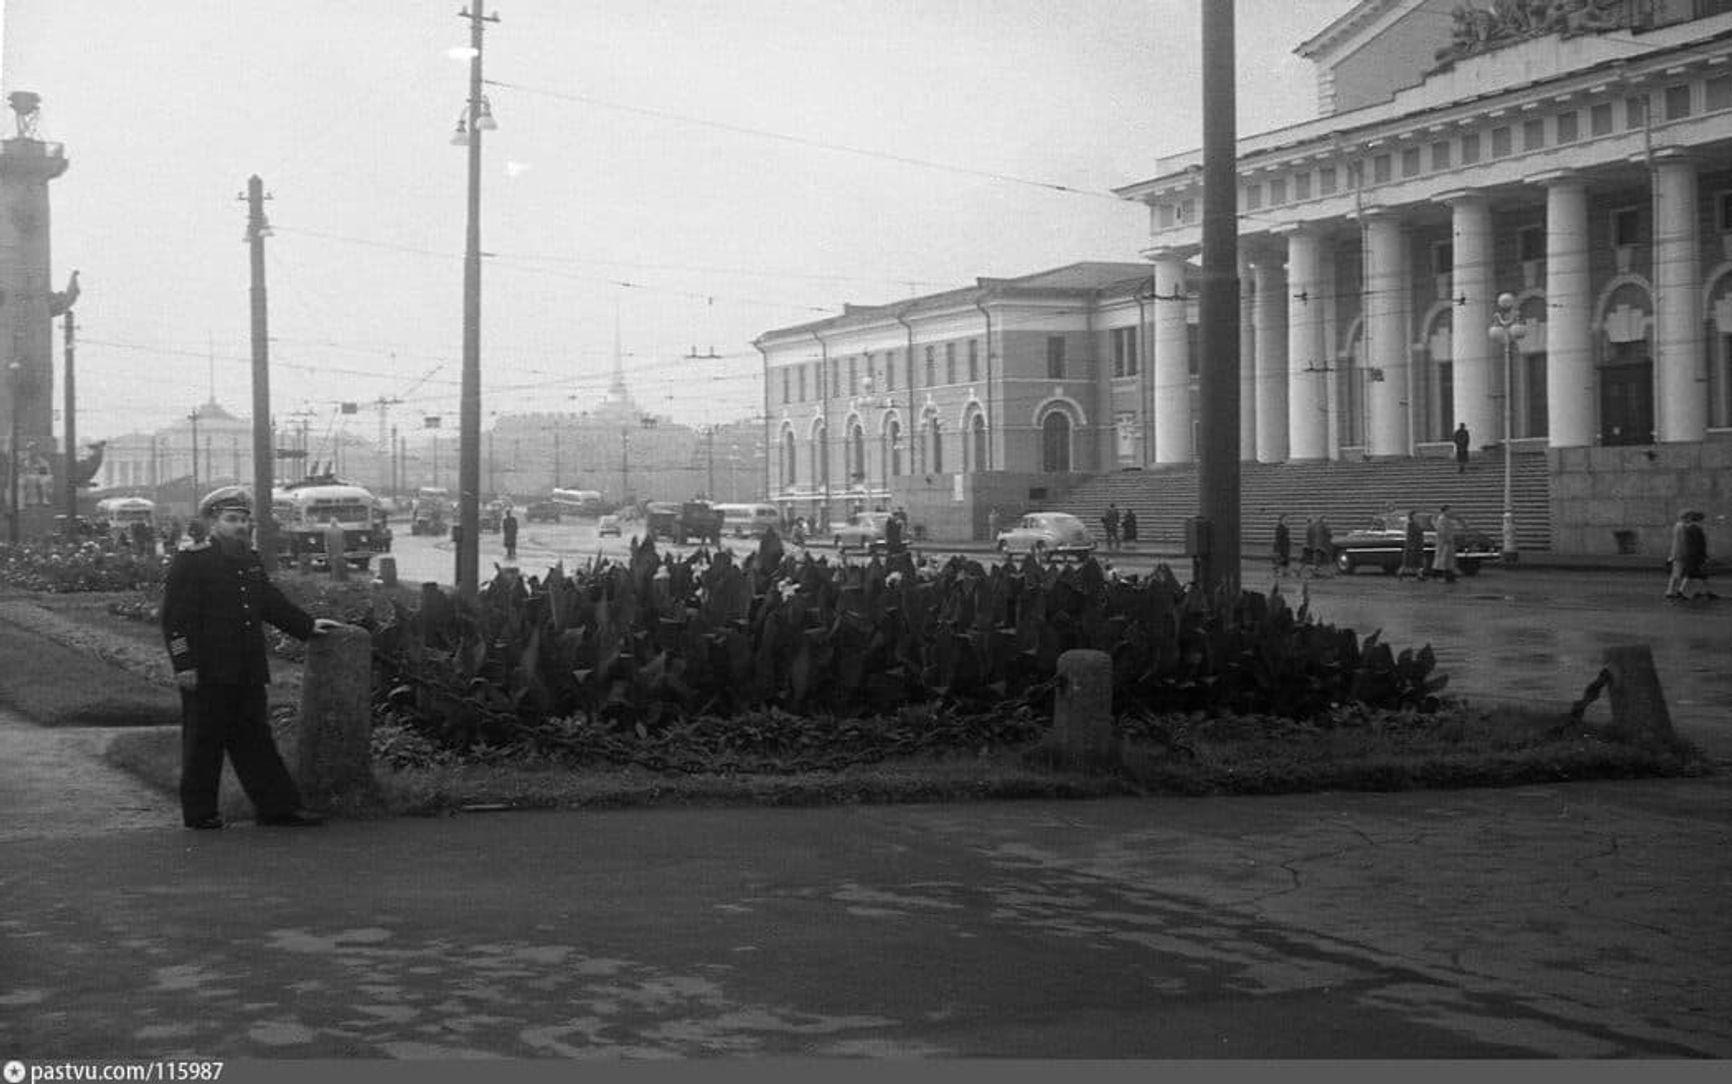 Здание Биржи. 1957. Дальняя белая мраморная мемориальная доска Сталину сохранилась, разбитая ближняя не восстановлена.